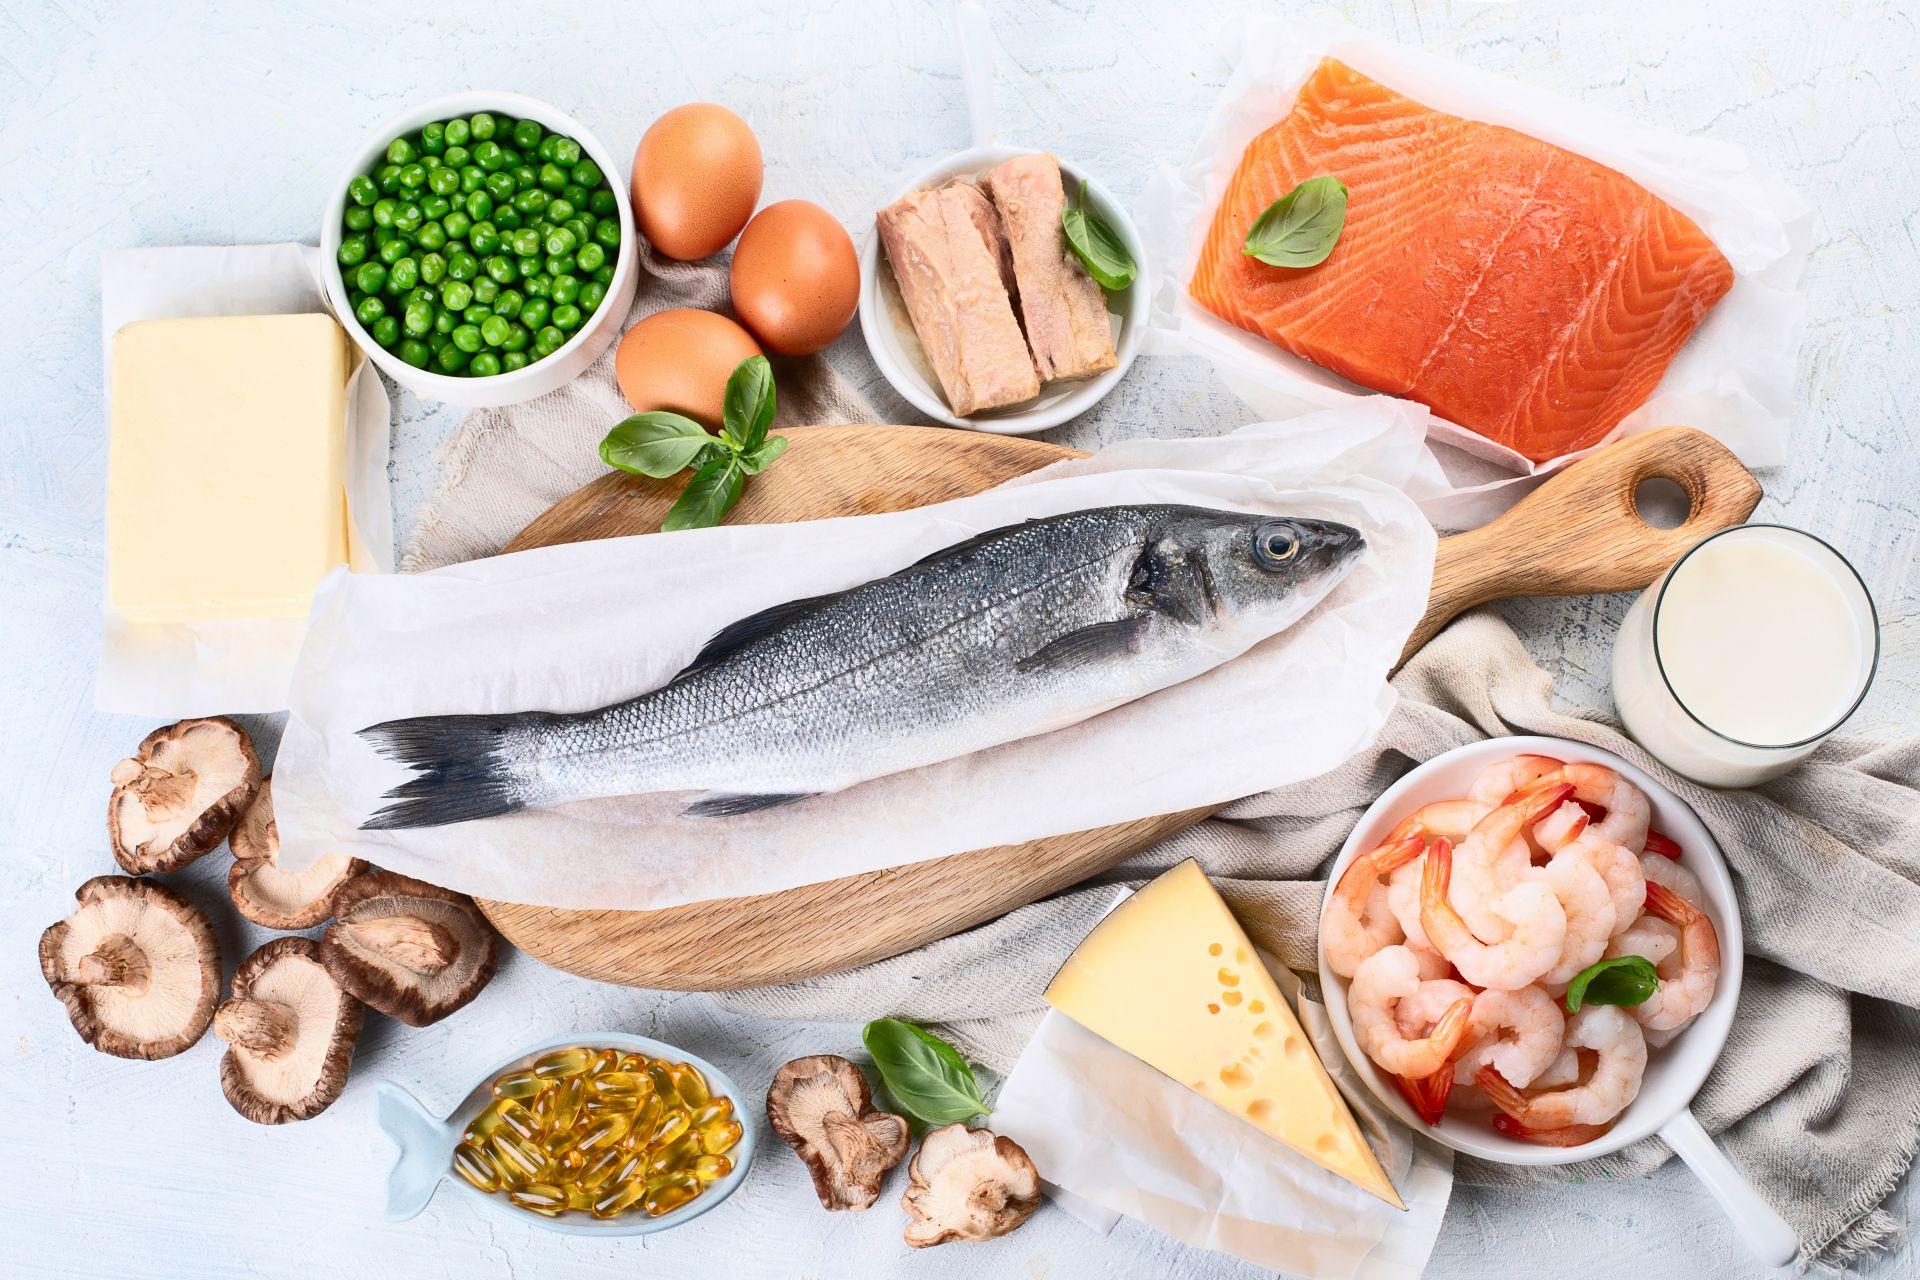 Kwas DHA i kwasy Omega-3 są niezbędne w diecie zimowej - co jeść zimą, aby zapewnić te składniki odżywcze? Wybieraj ryby morskie, algi, orzechy oraz margaryny prozdrowotne, które zostały wzbogacone o wymienione składniki. Sprawdź, jak przygotować posiłki na zimę.